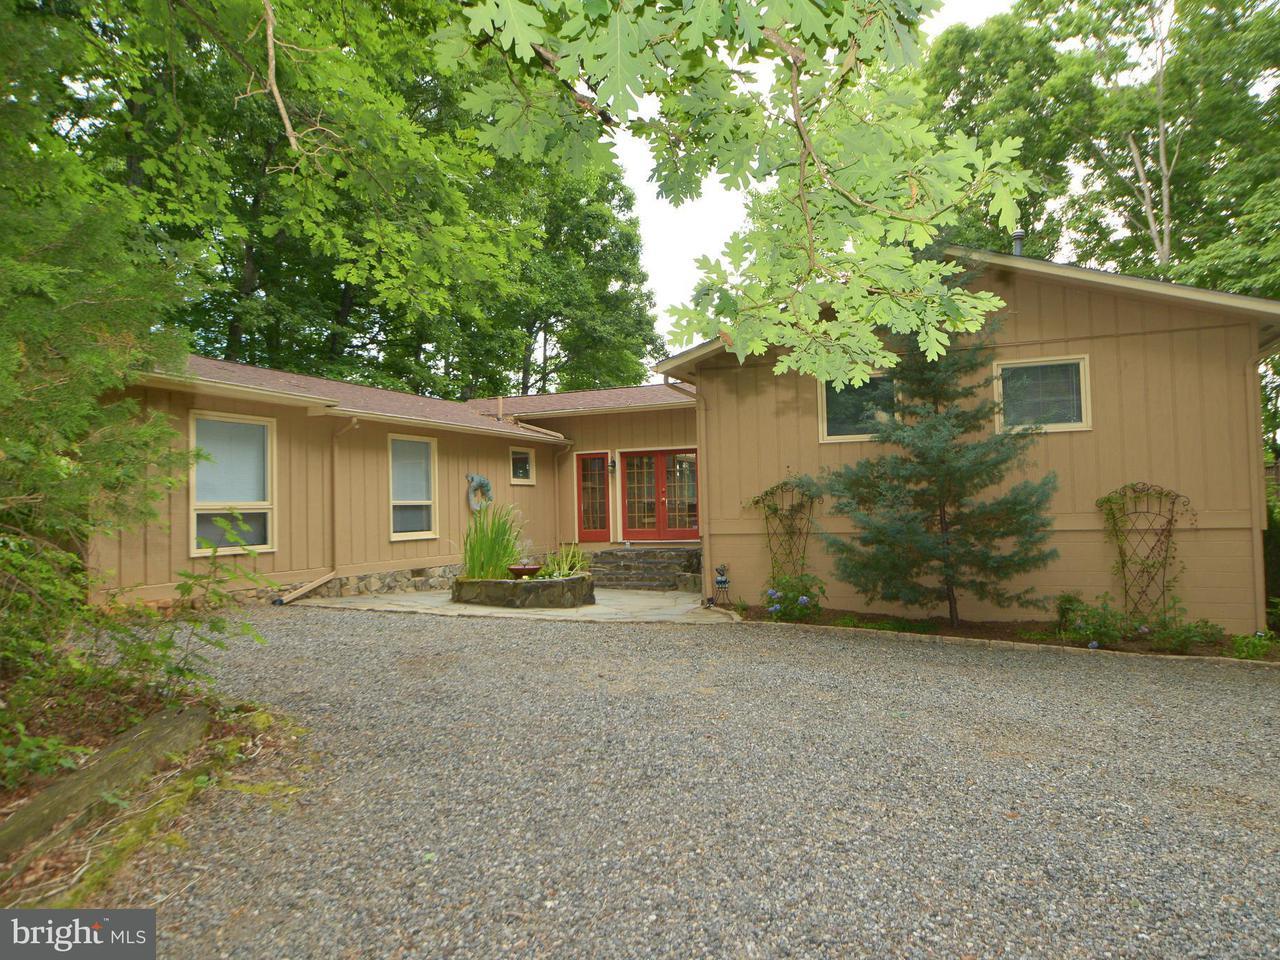 Maison unifamiliale pour l Vente à 1267 Anna Coves Blvd 1267 Anna Coves Blvd Mineral, Virginia 23117 États-Unis